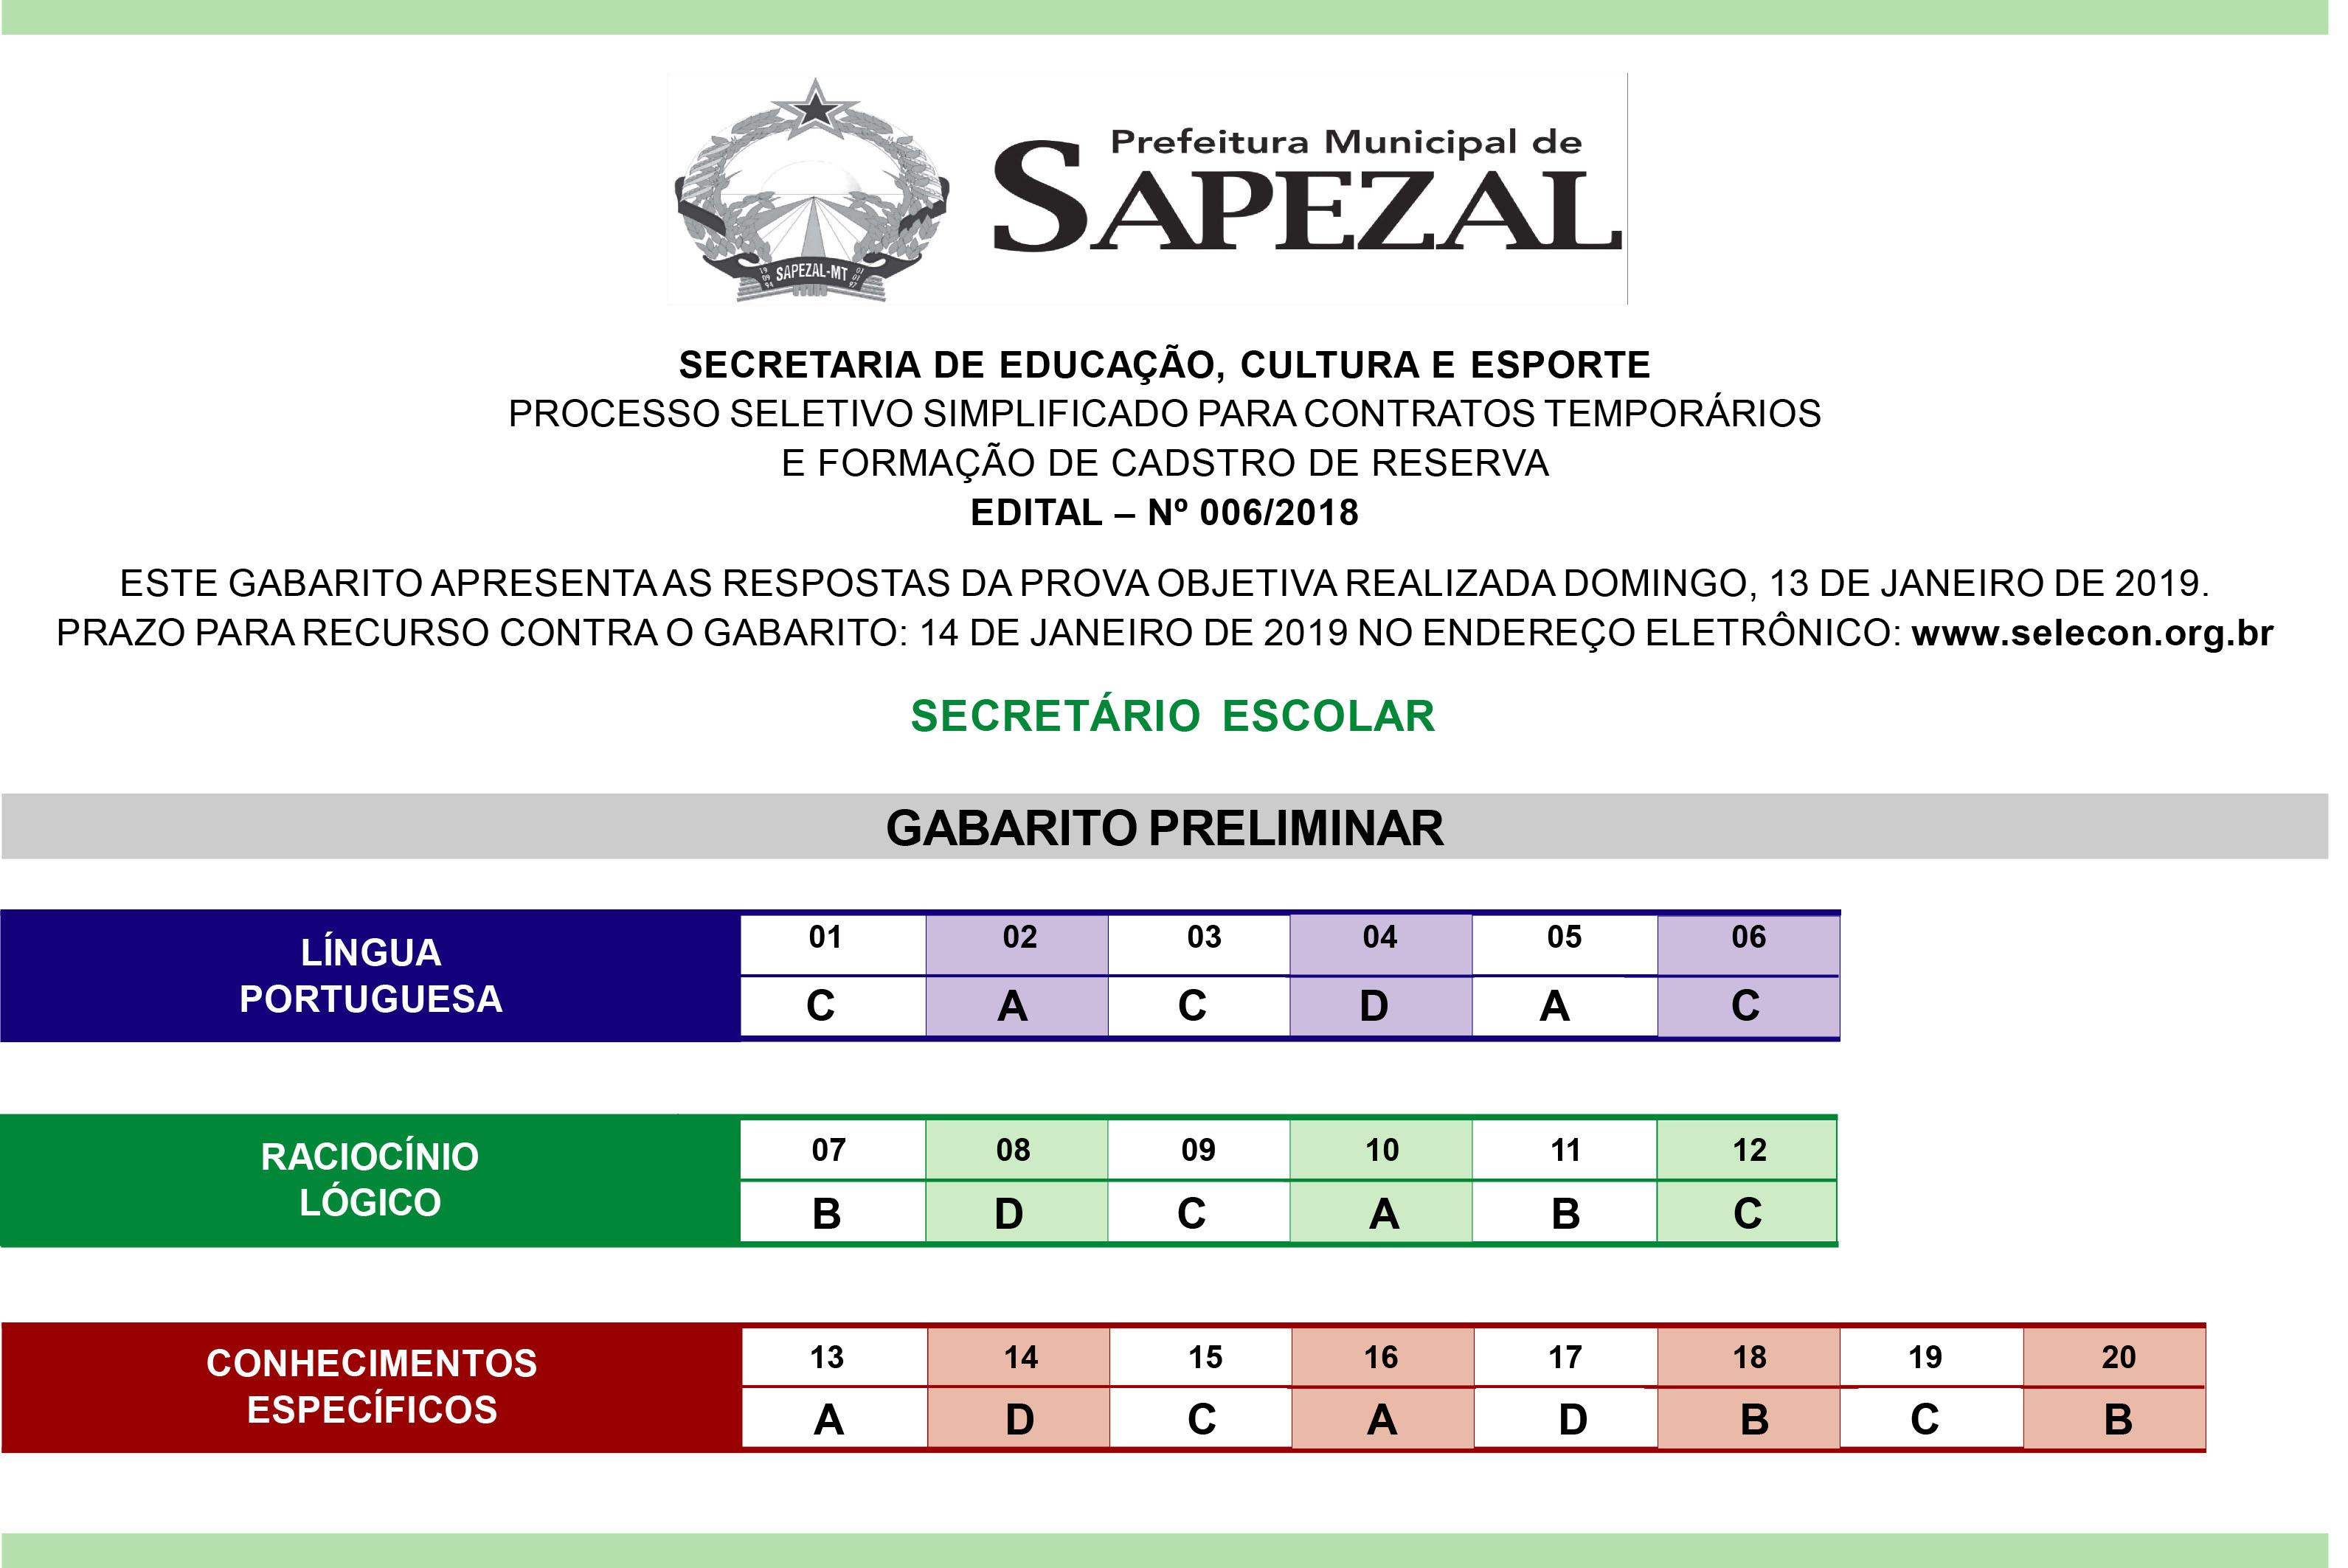 Gabarito_SEC_ESCOLAR_SAPEZAL